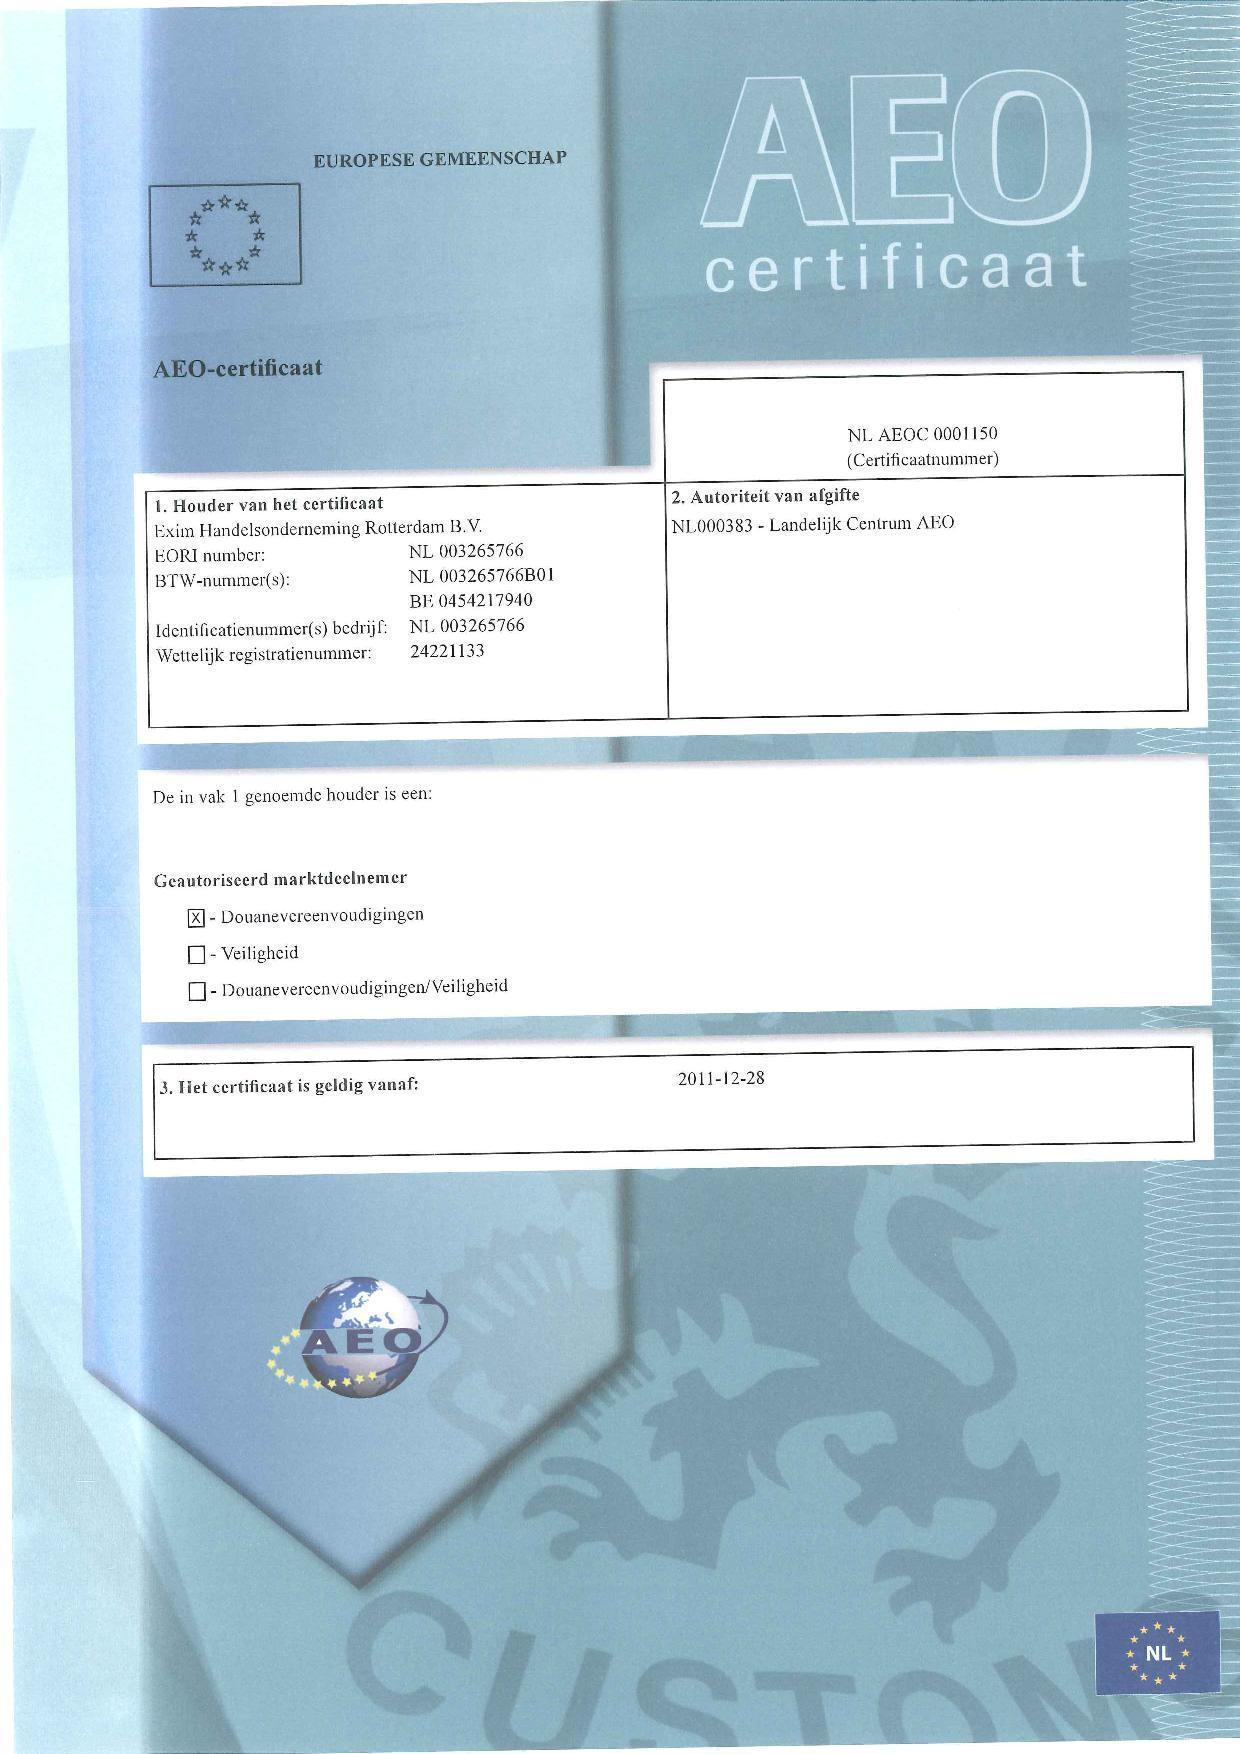 AEO-certificaat-EXIM-Handelsonderneming-Rotterdam-BV-page-001